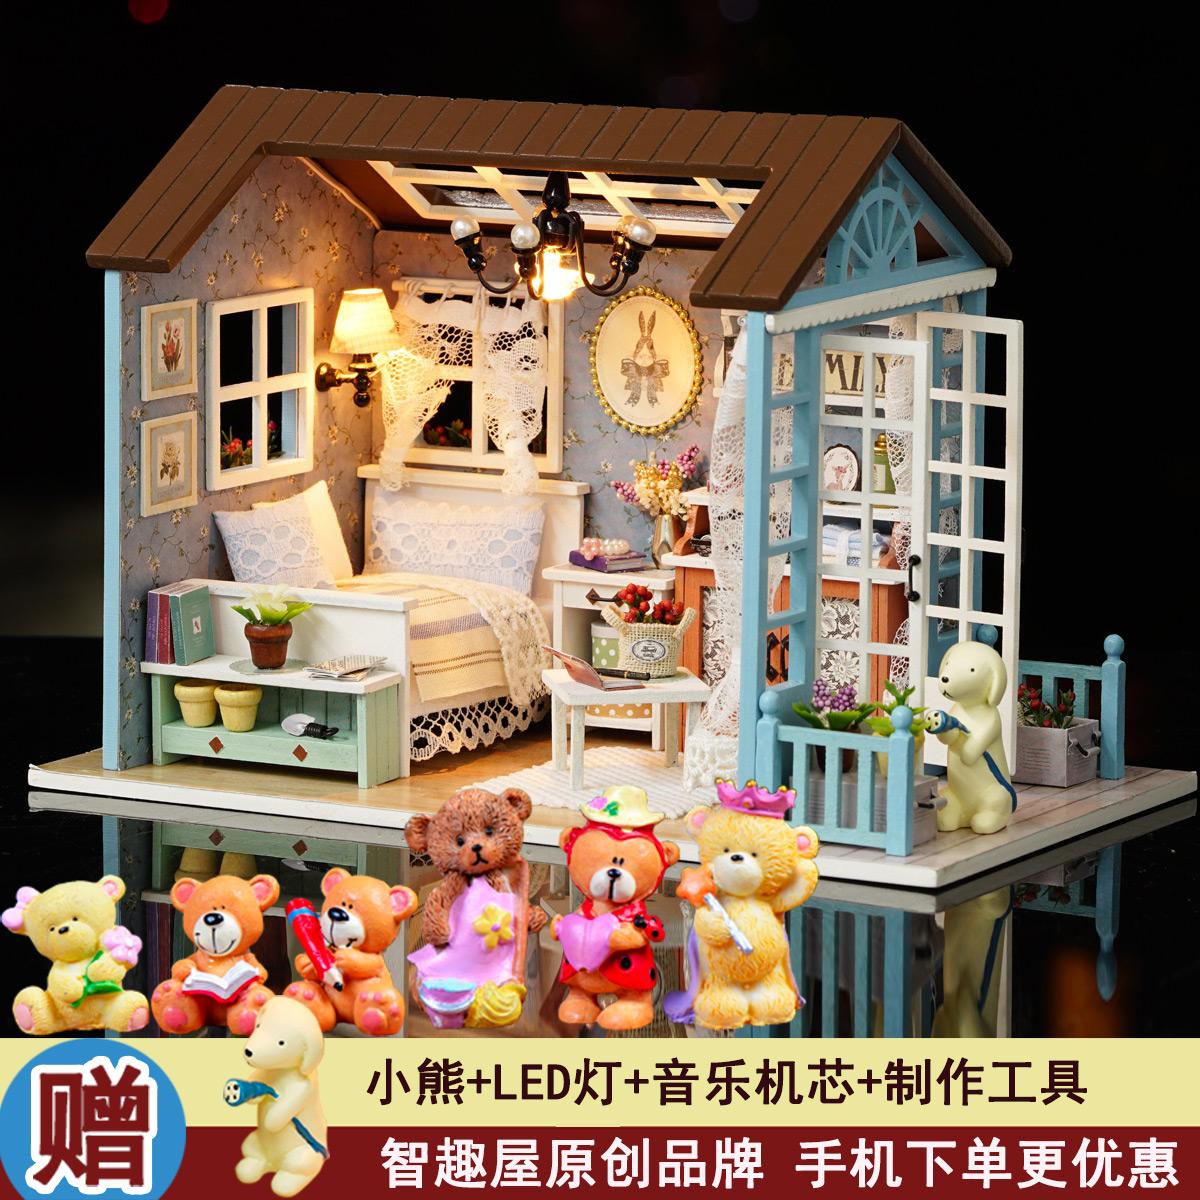 智趣屋diy小屋森蓝时光手工制作房子拼装别墅模型玩具创意礼物女5元优惠券